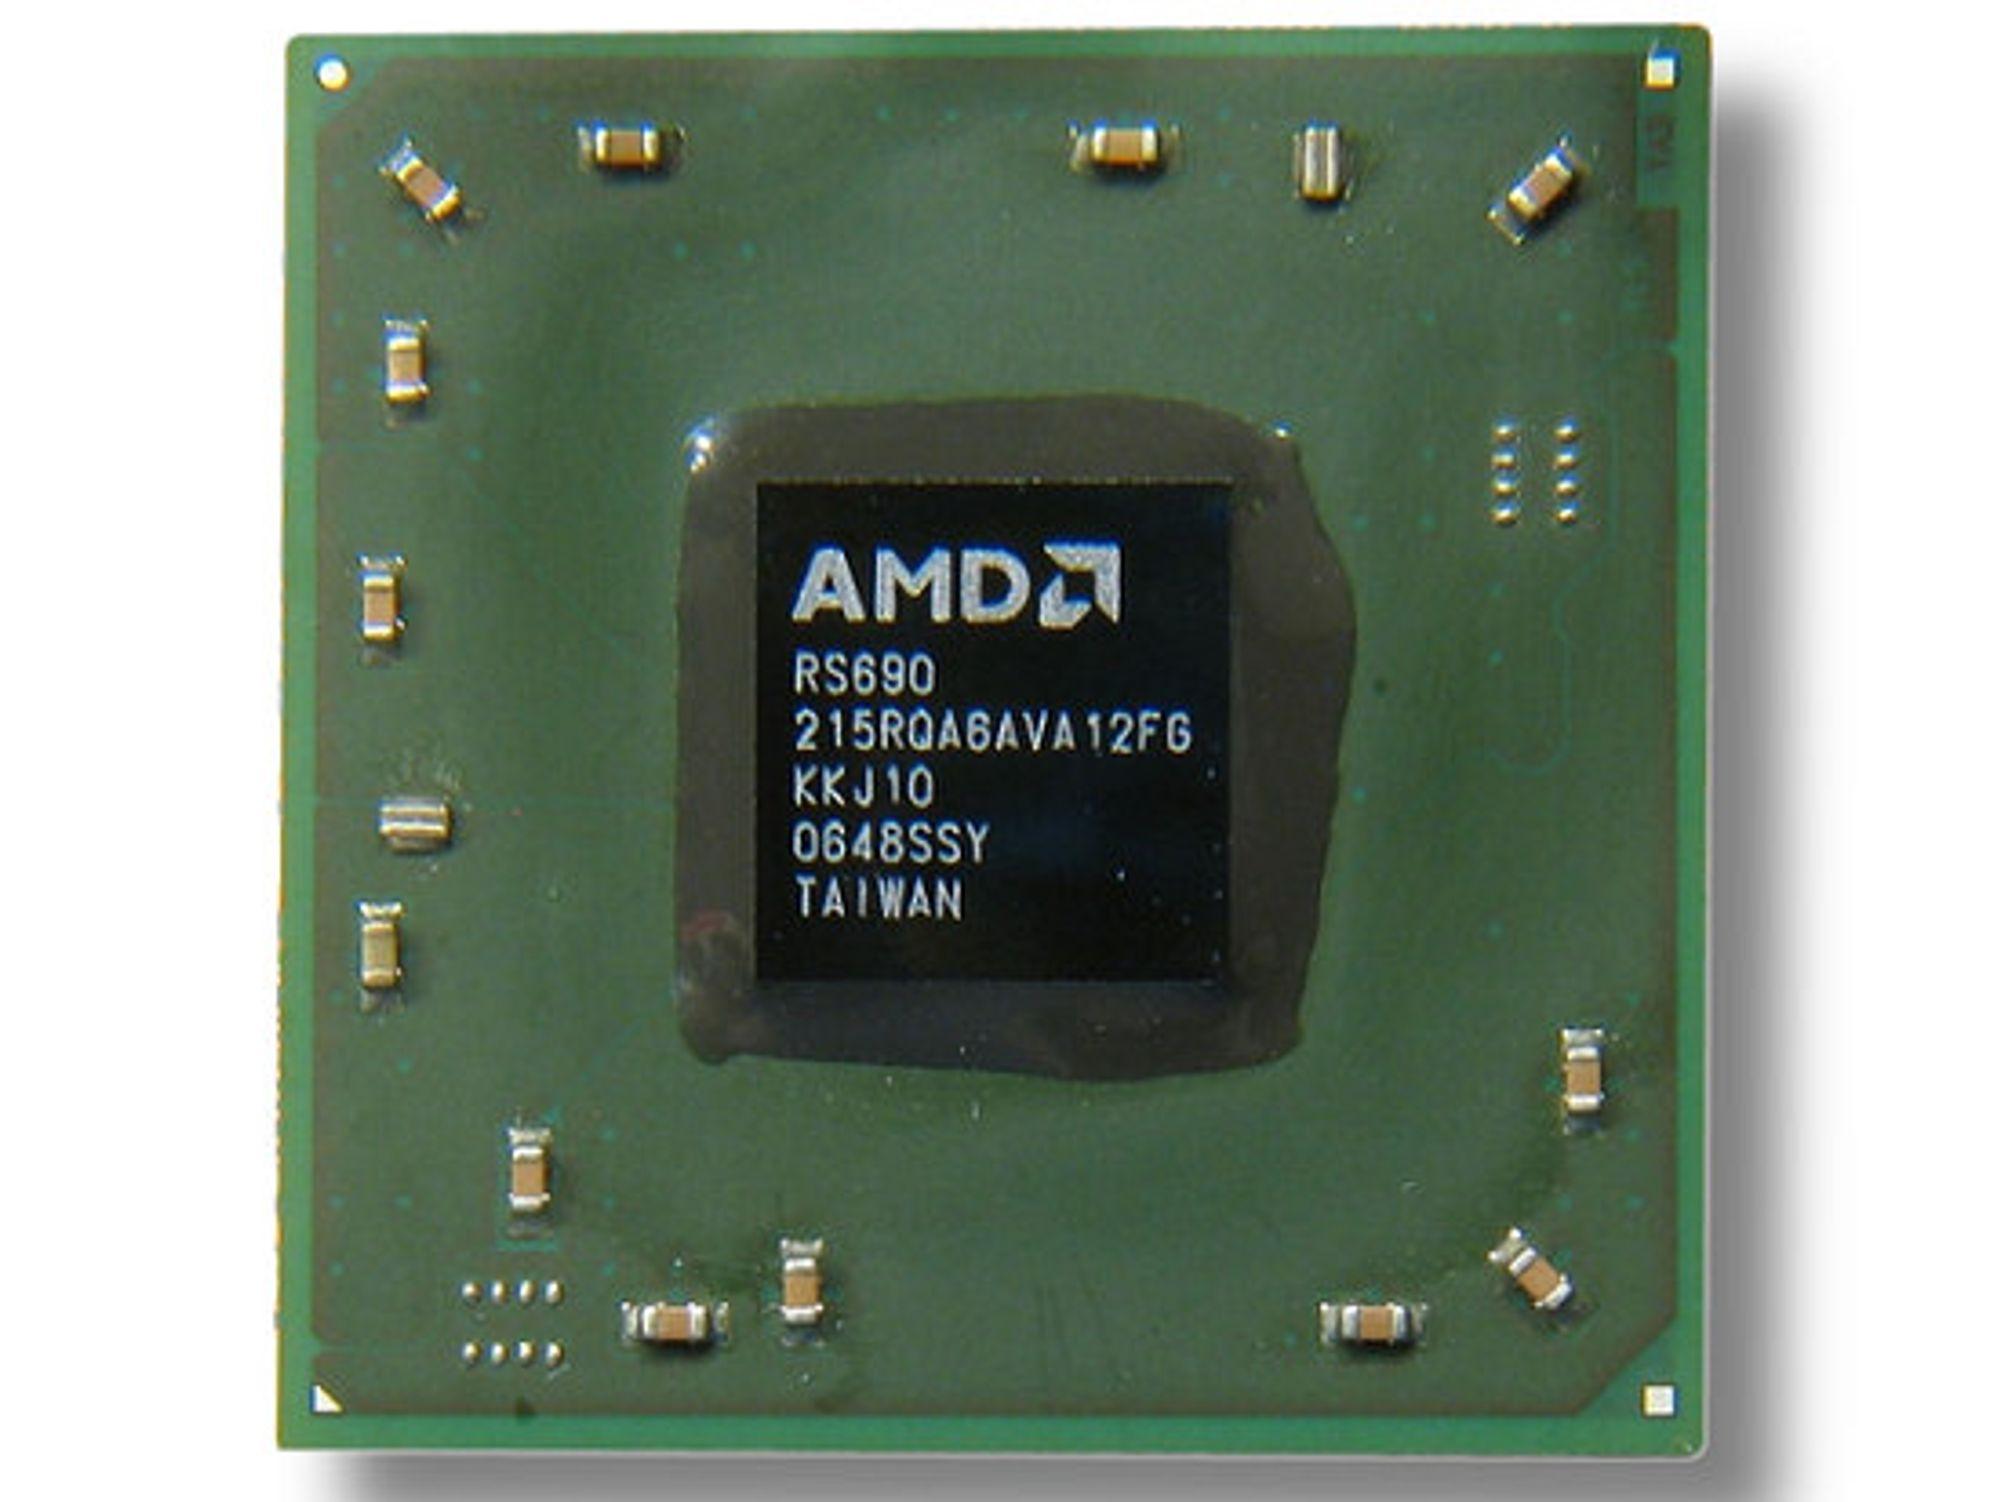 AMDs 690G får snart en etterfølger